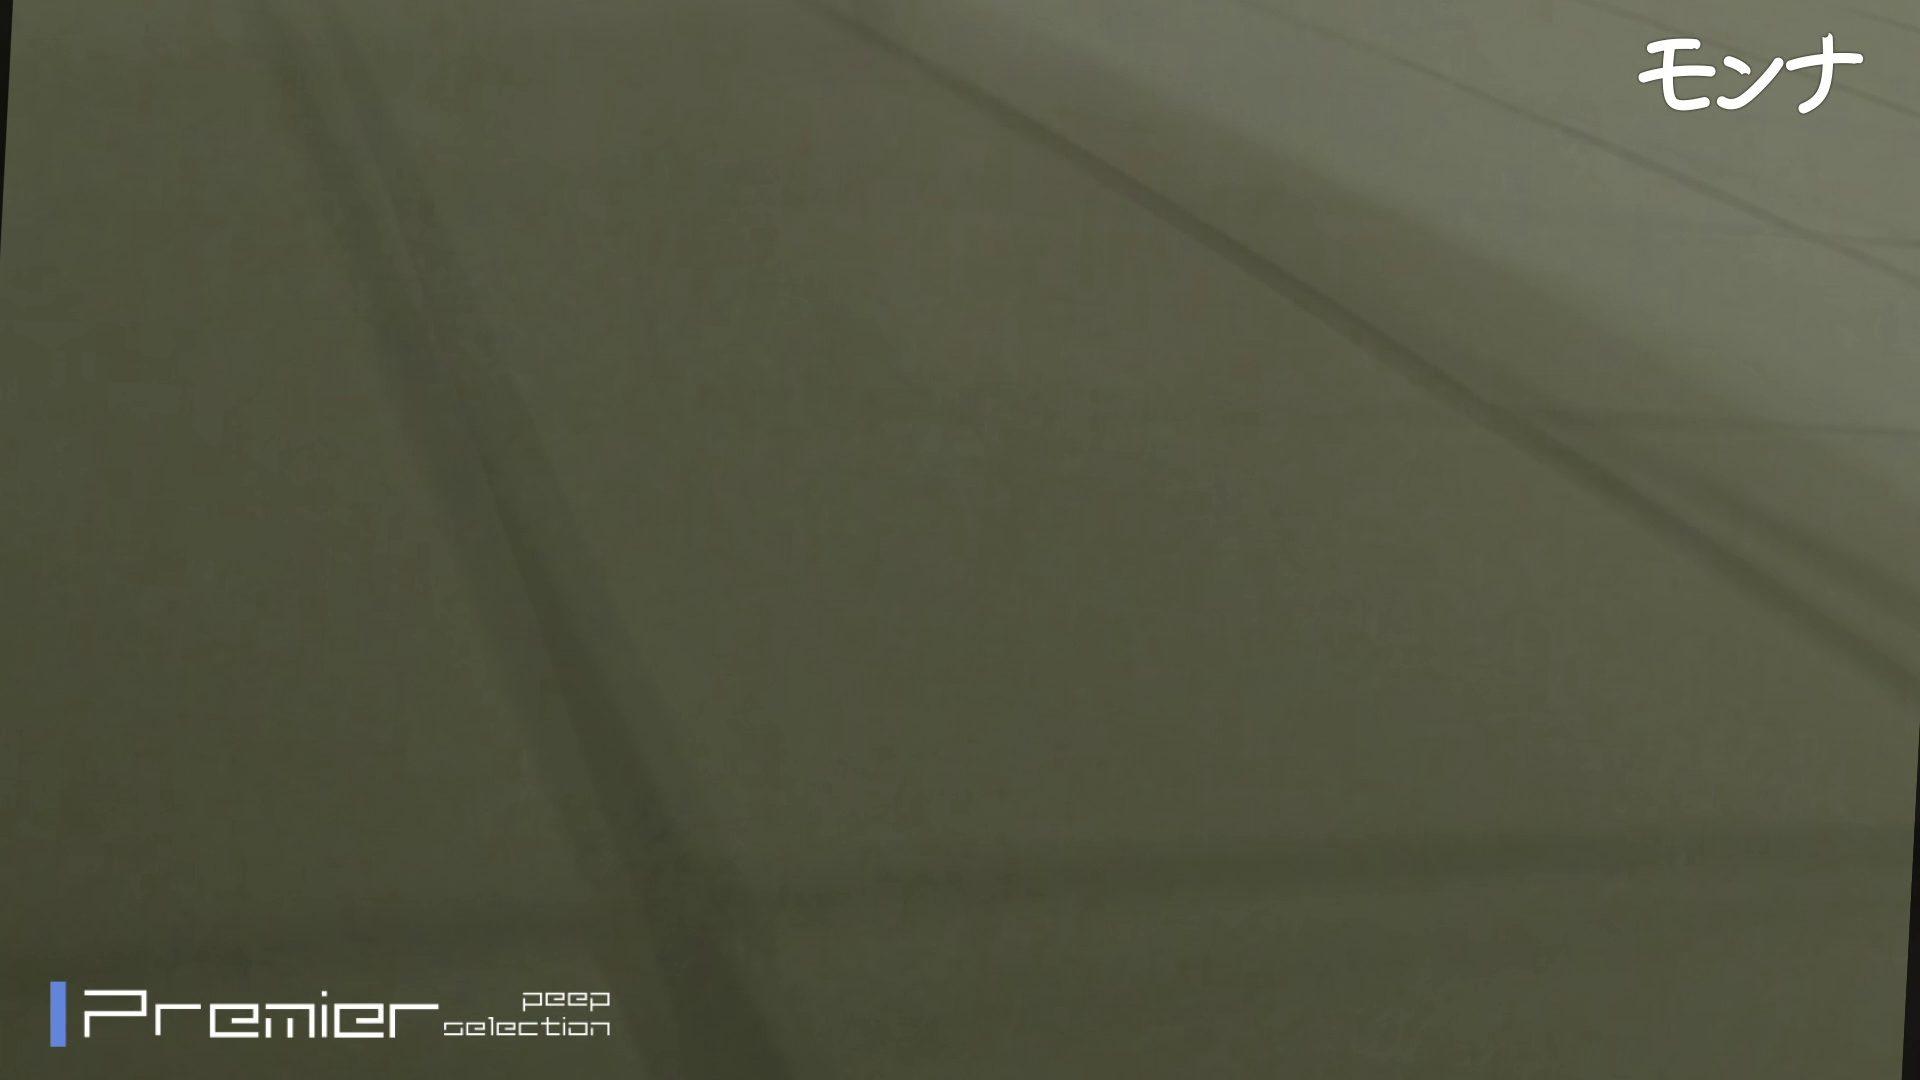 CM 悶絶シリーズ5 【美しい日本の未来 No.128】 おまんこ無修正 | ギャル・コレクション  48連発 41